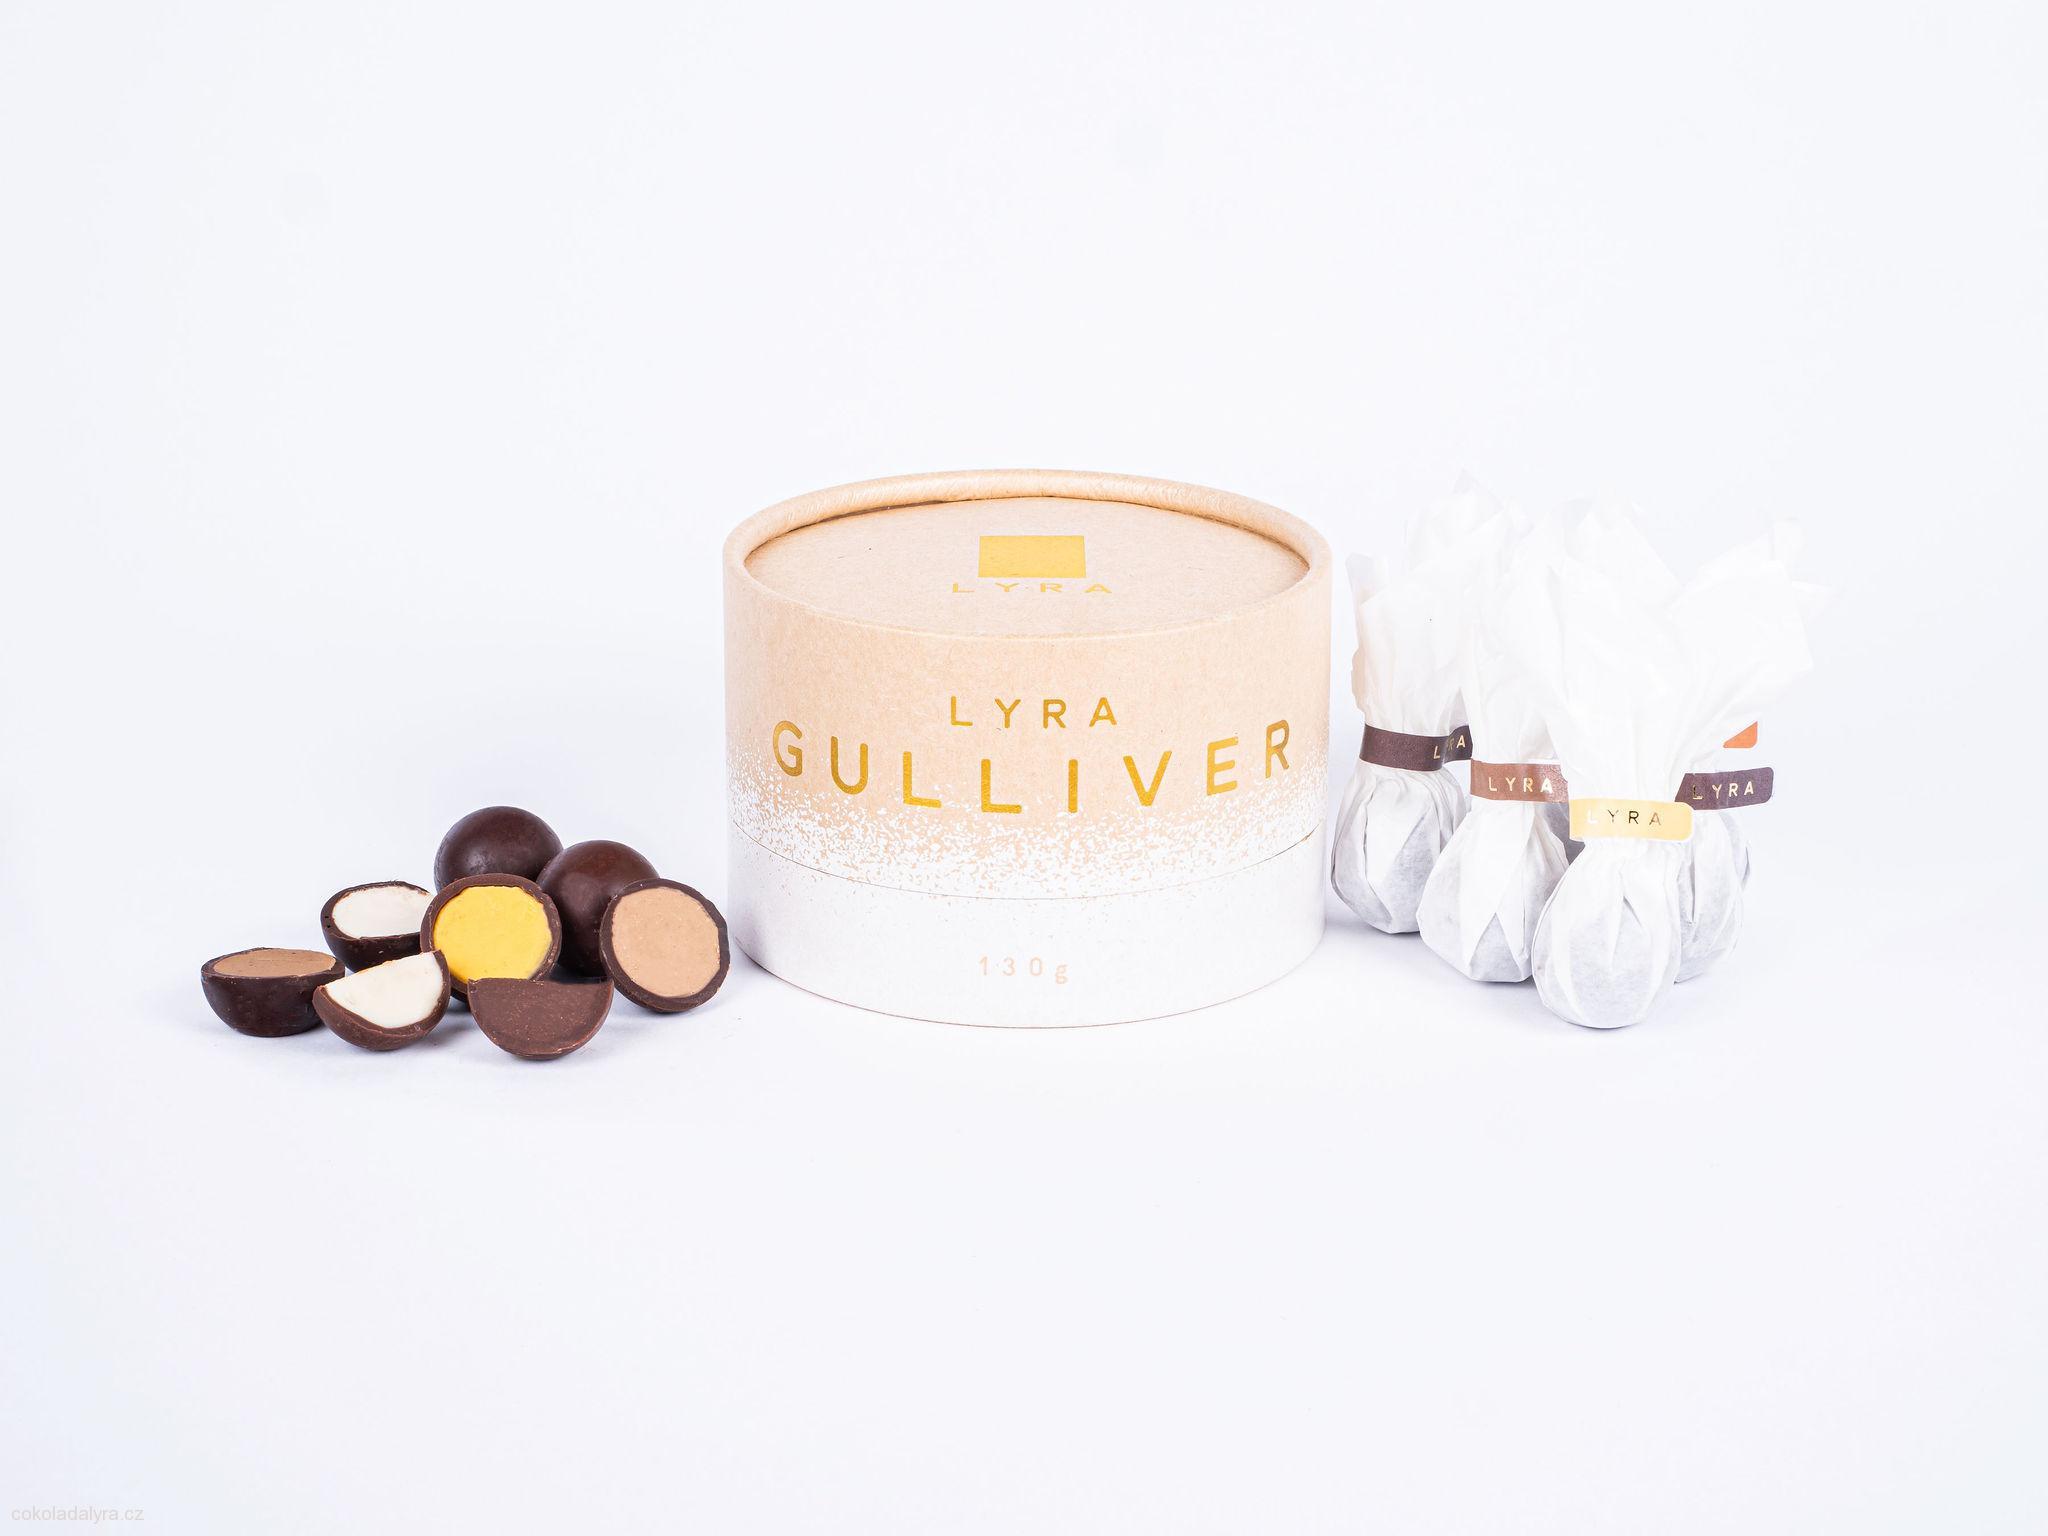 Čokoládové pralinky s šesti různými náplněmi